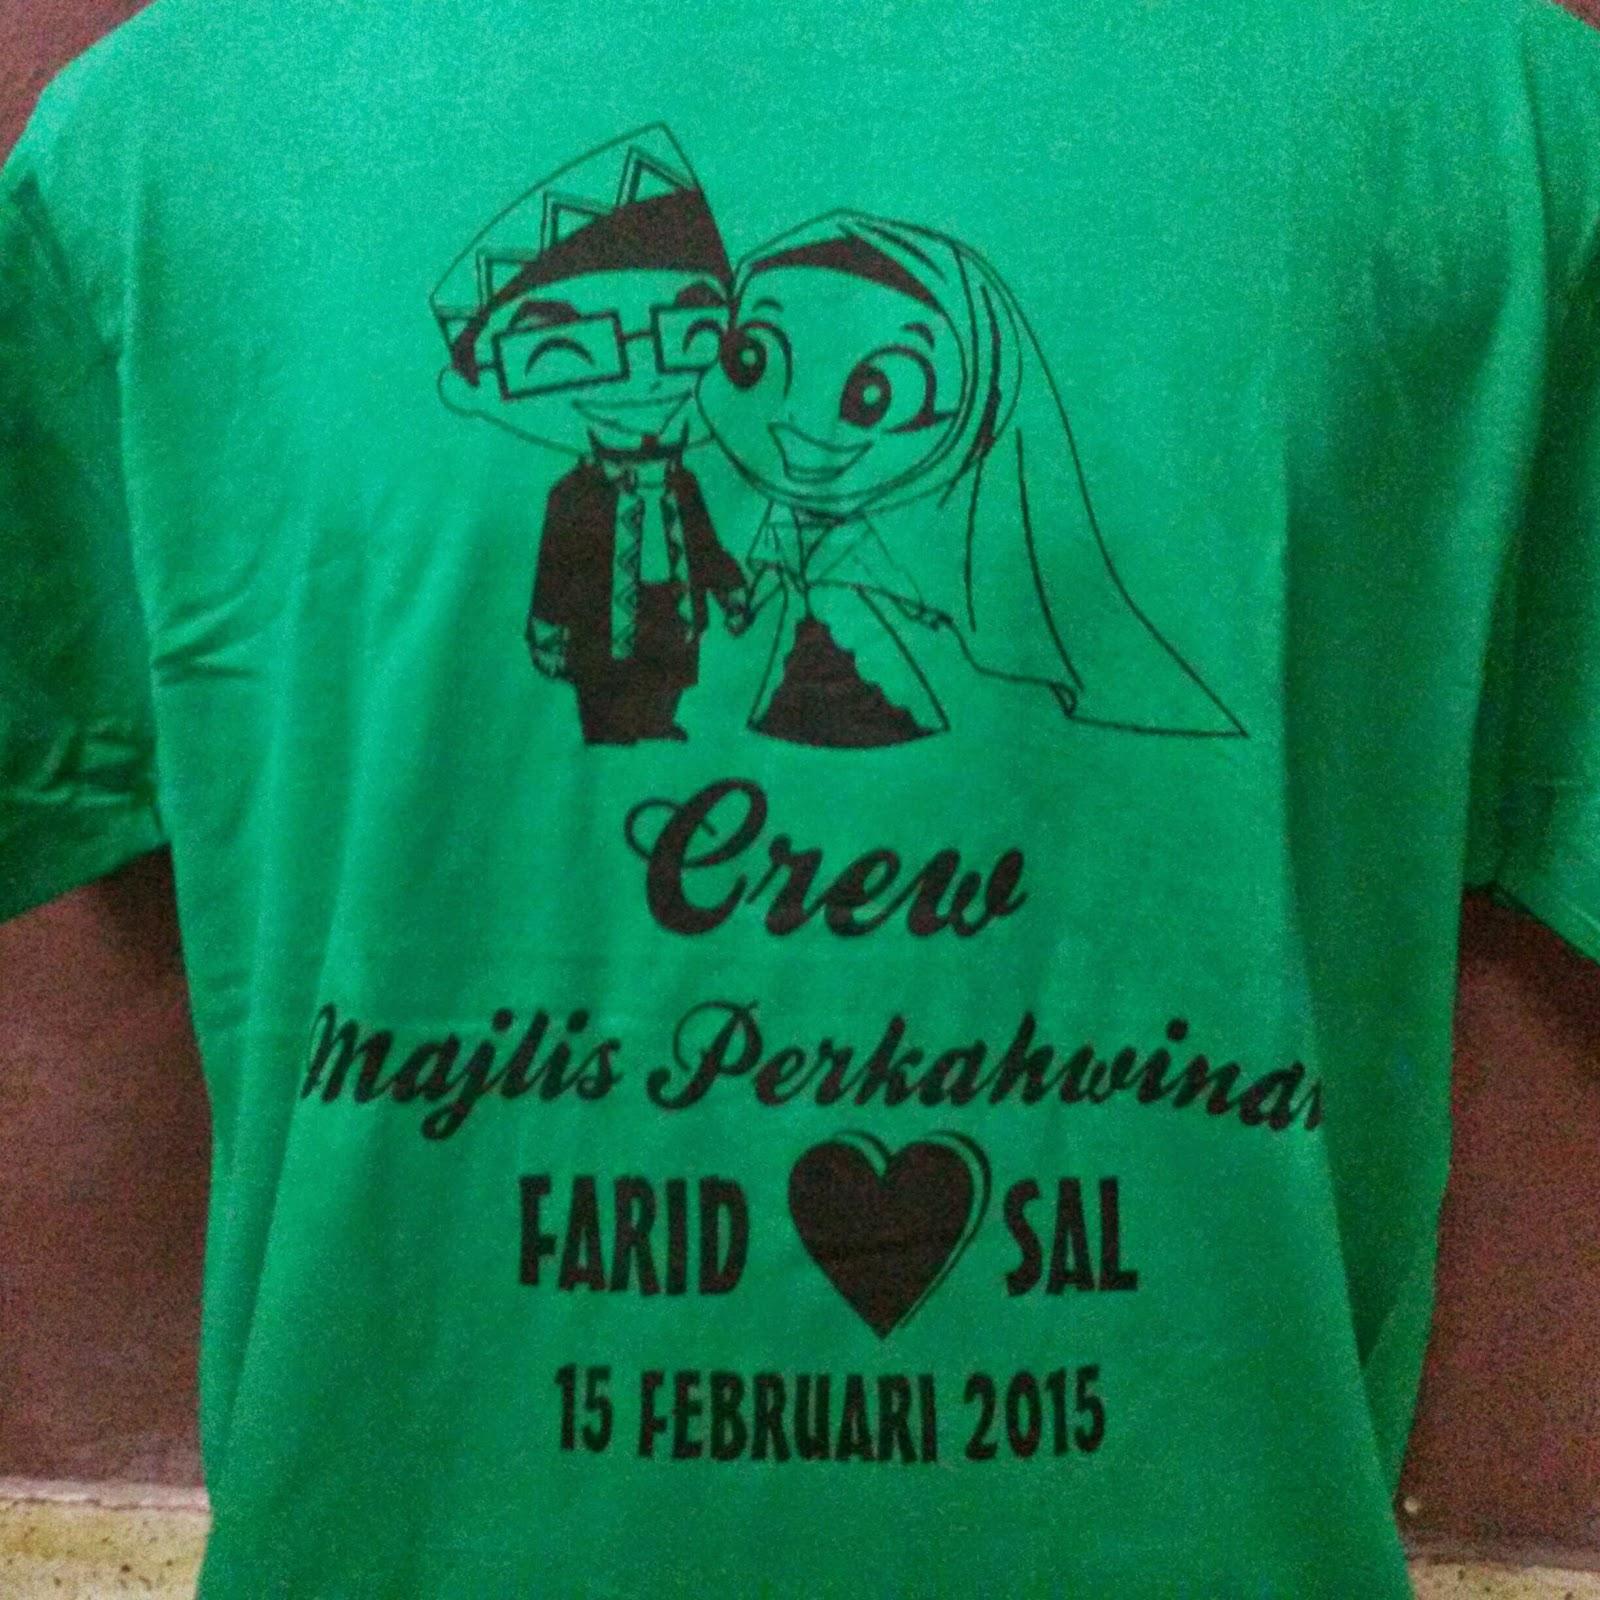 Design t shirt rewang - Tshirt Crew Perkahwinan Sal Farid Qty 30 Helai Your Design We Do Untuk Tempahan Hubungi Kami Pelbagai Warna Menarik Harga Termurah